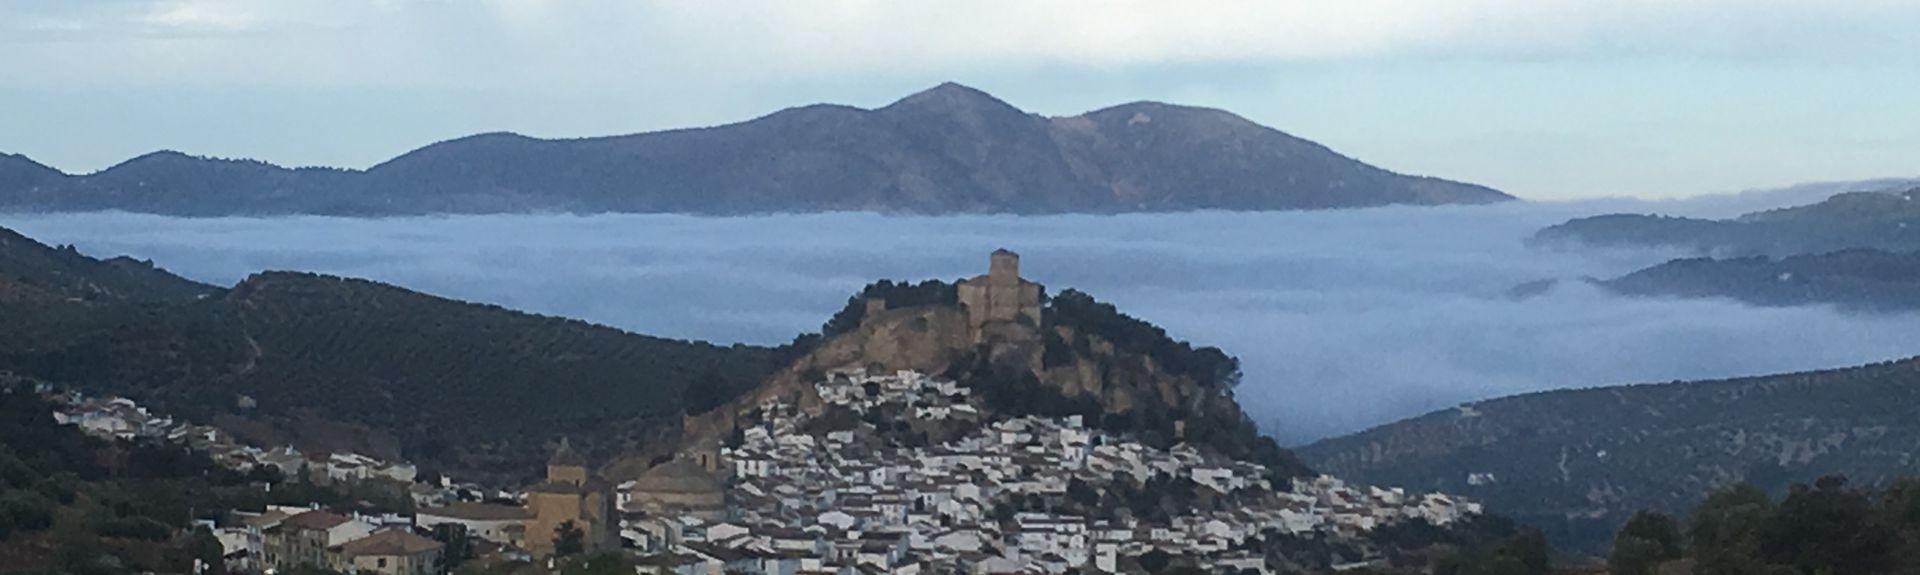 Illora, Andaluzia, Espanha